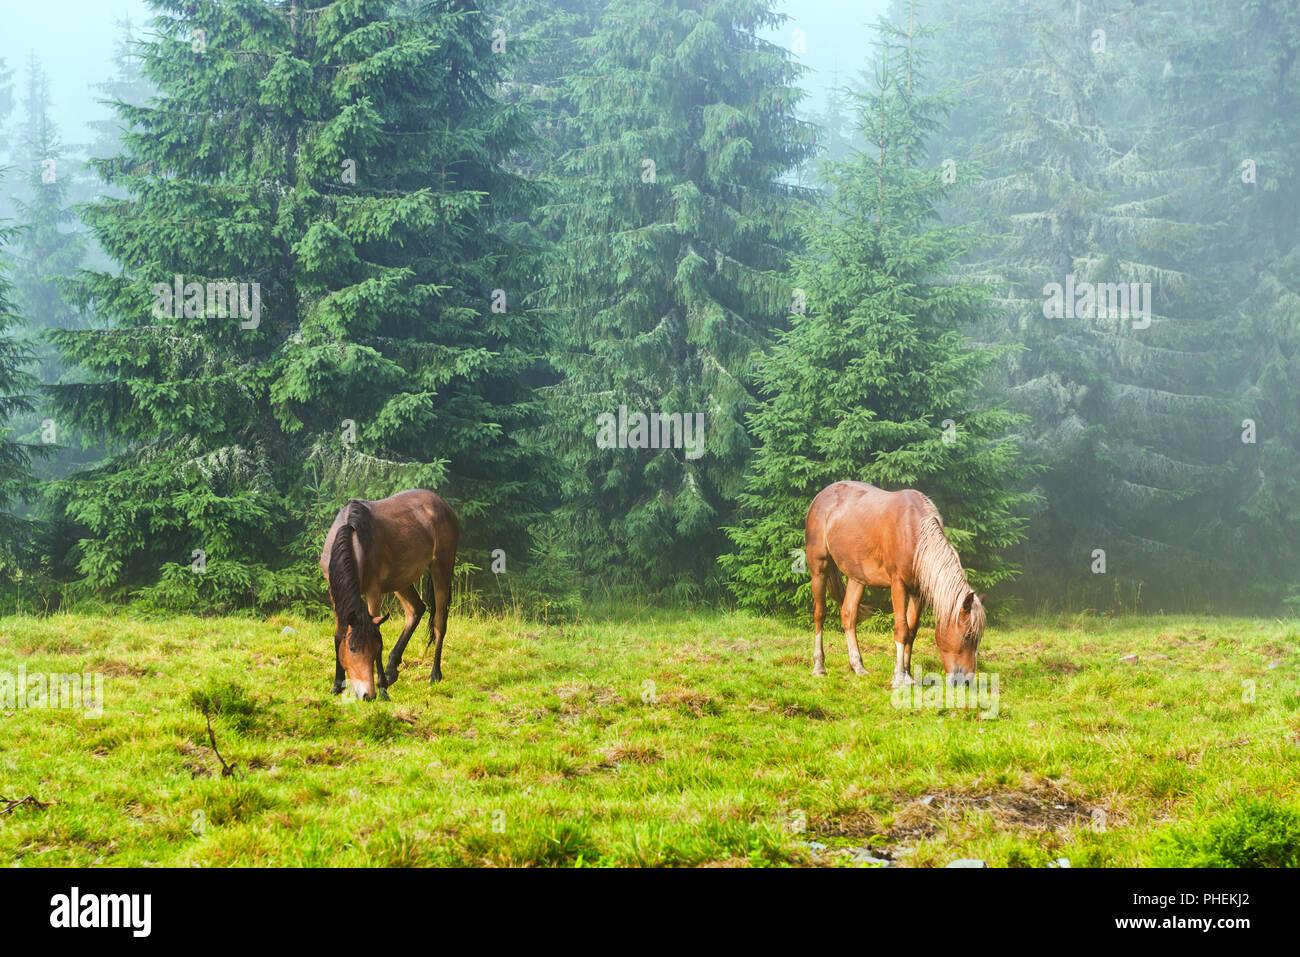 Two wild running horses grazing - Stock Image